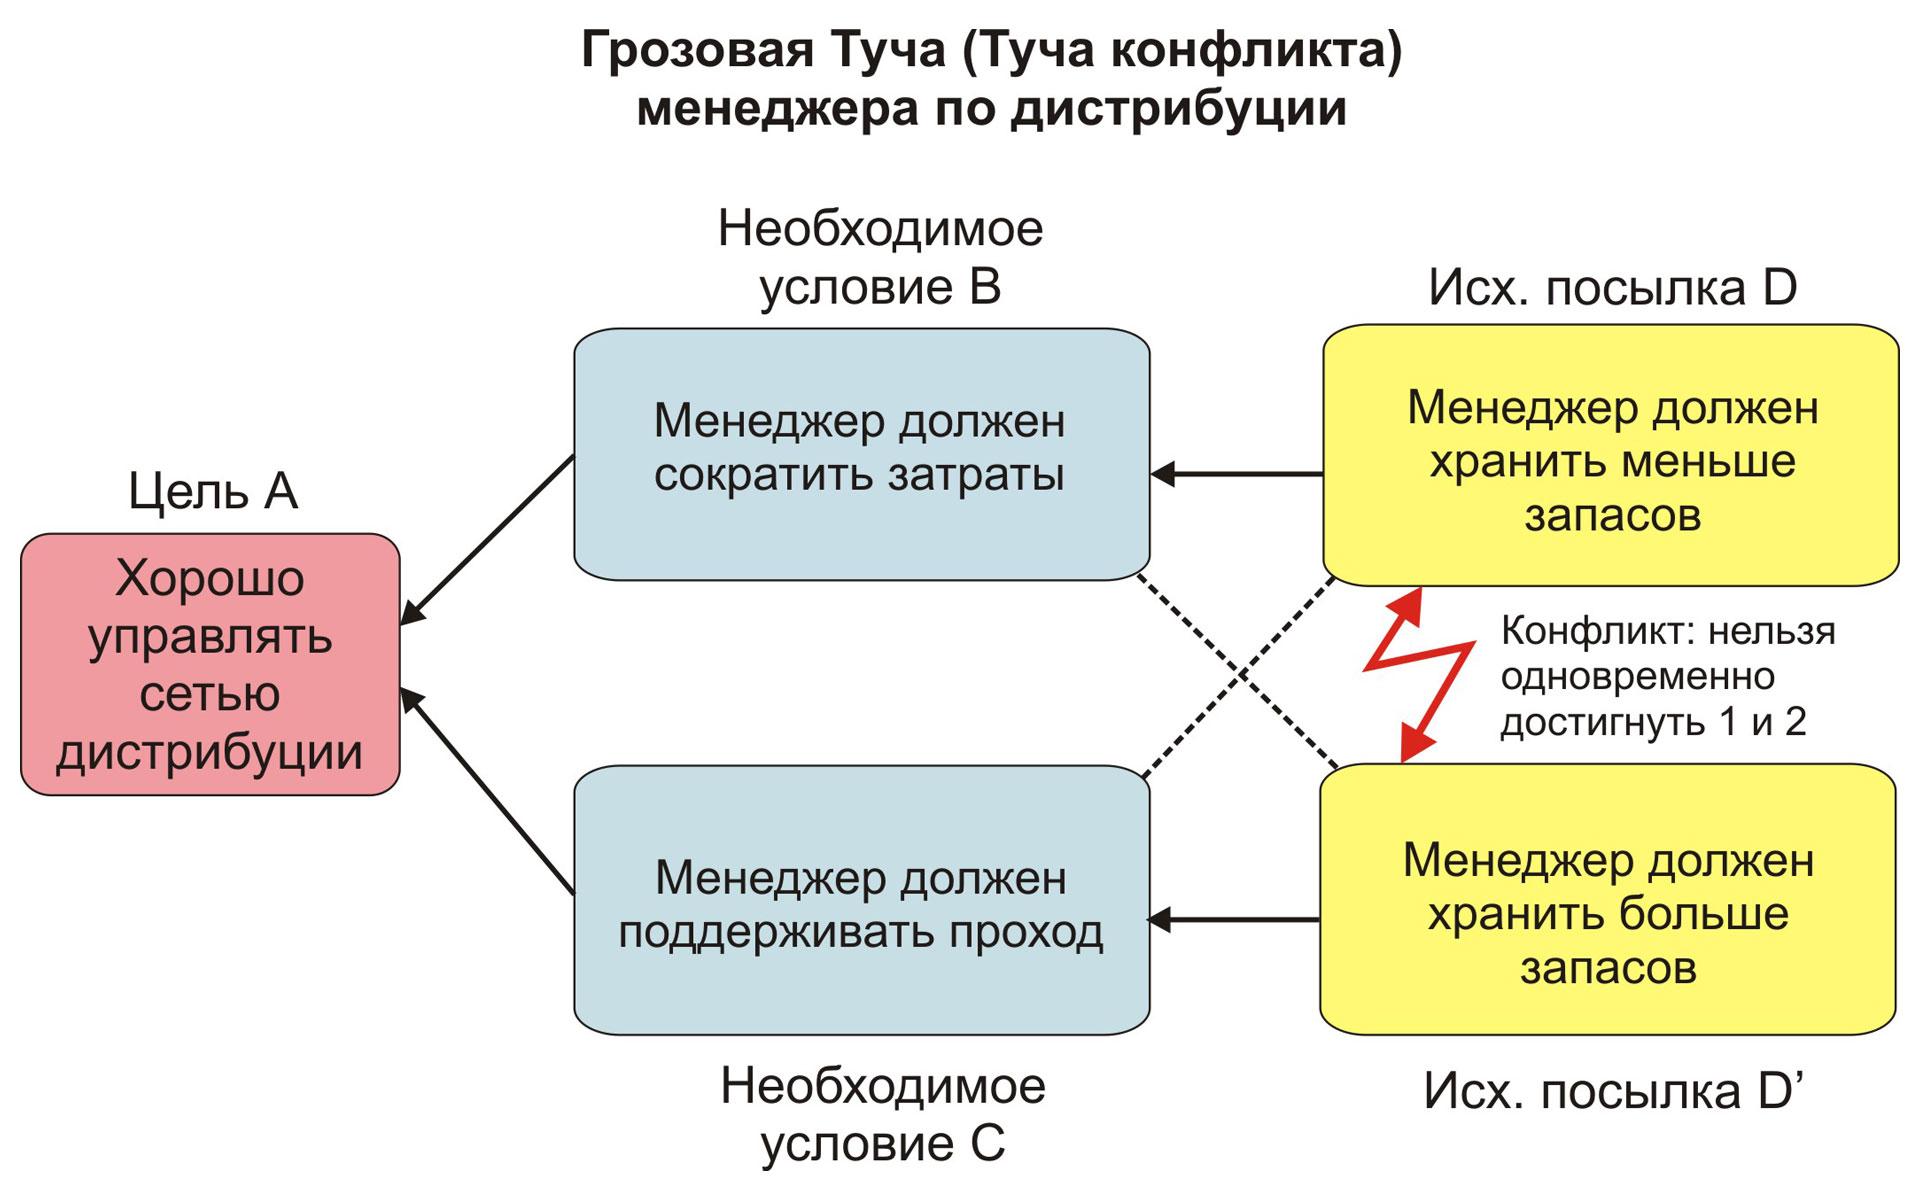 Туча корневого конфликта дистрибуции